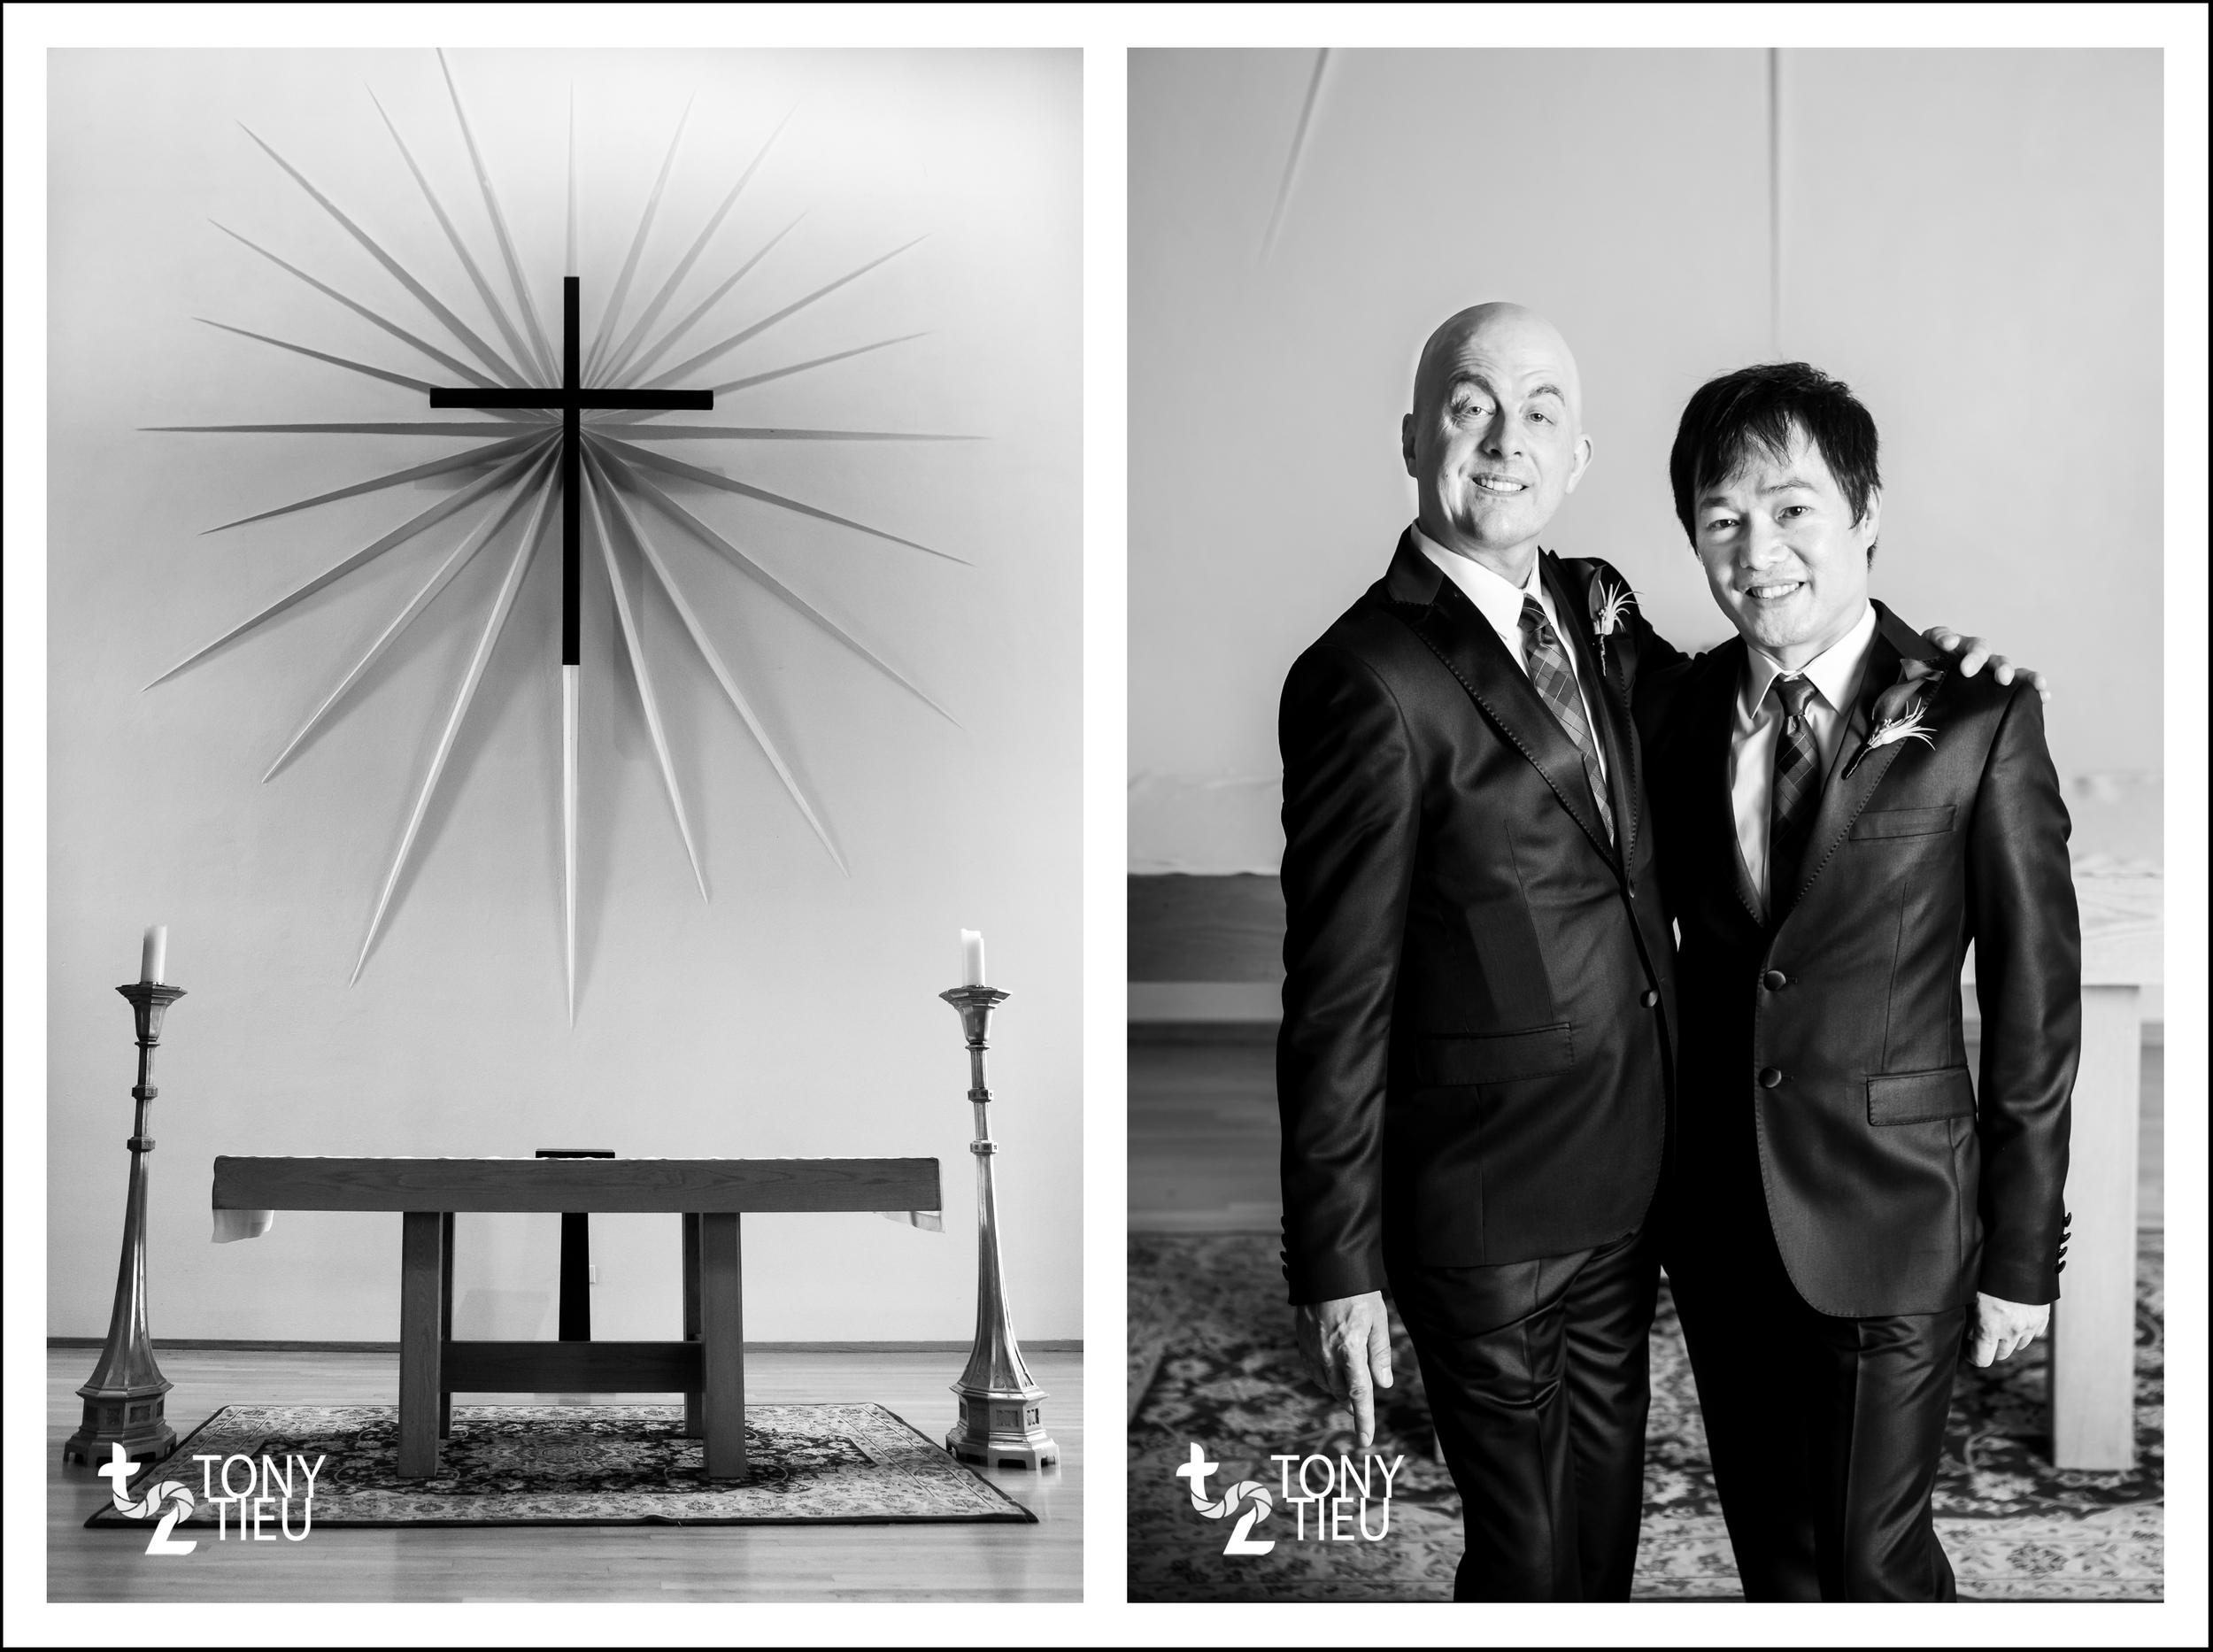 Tony_Tieu_Alain_ Wedding_